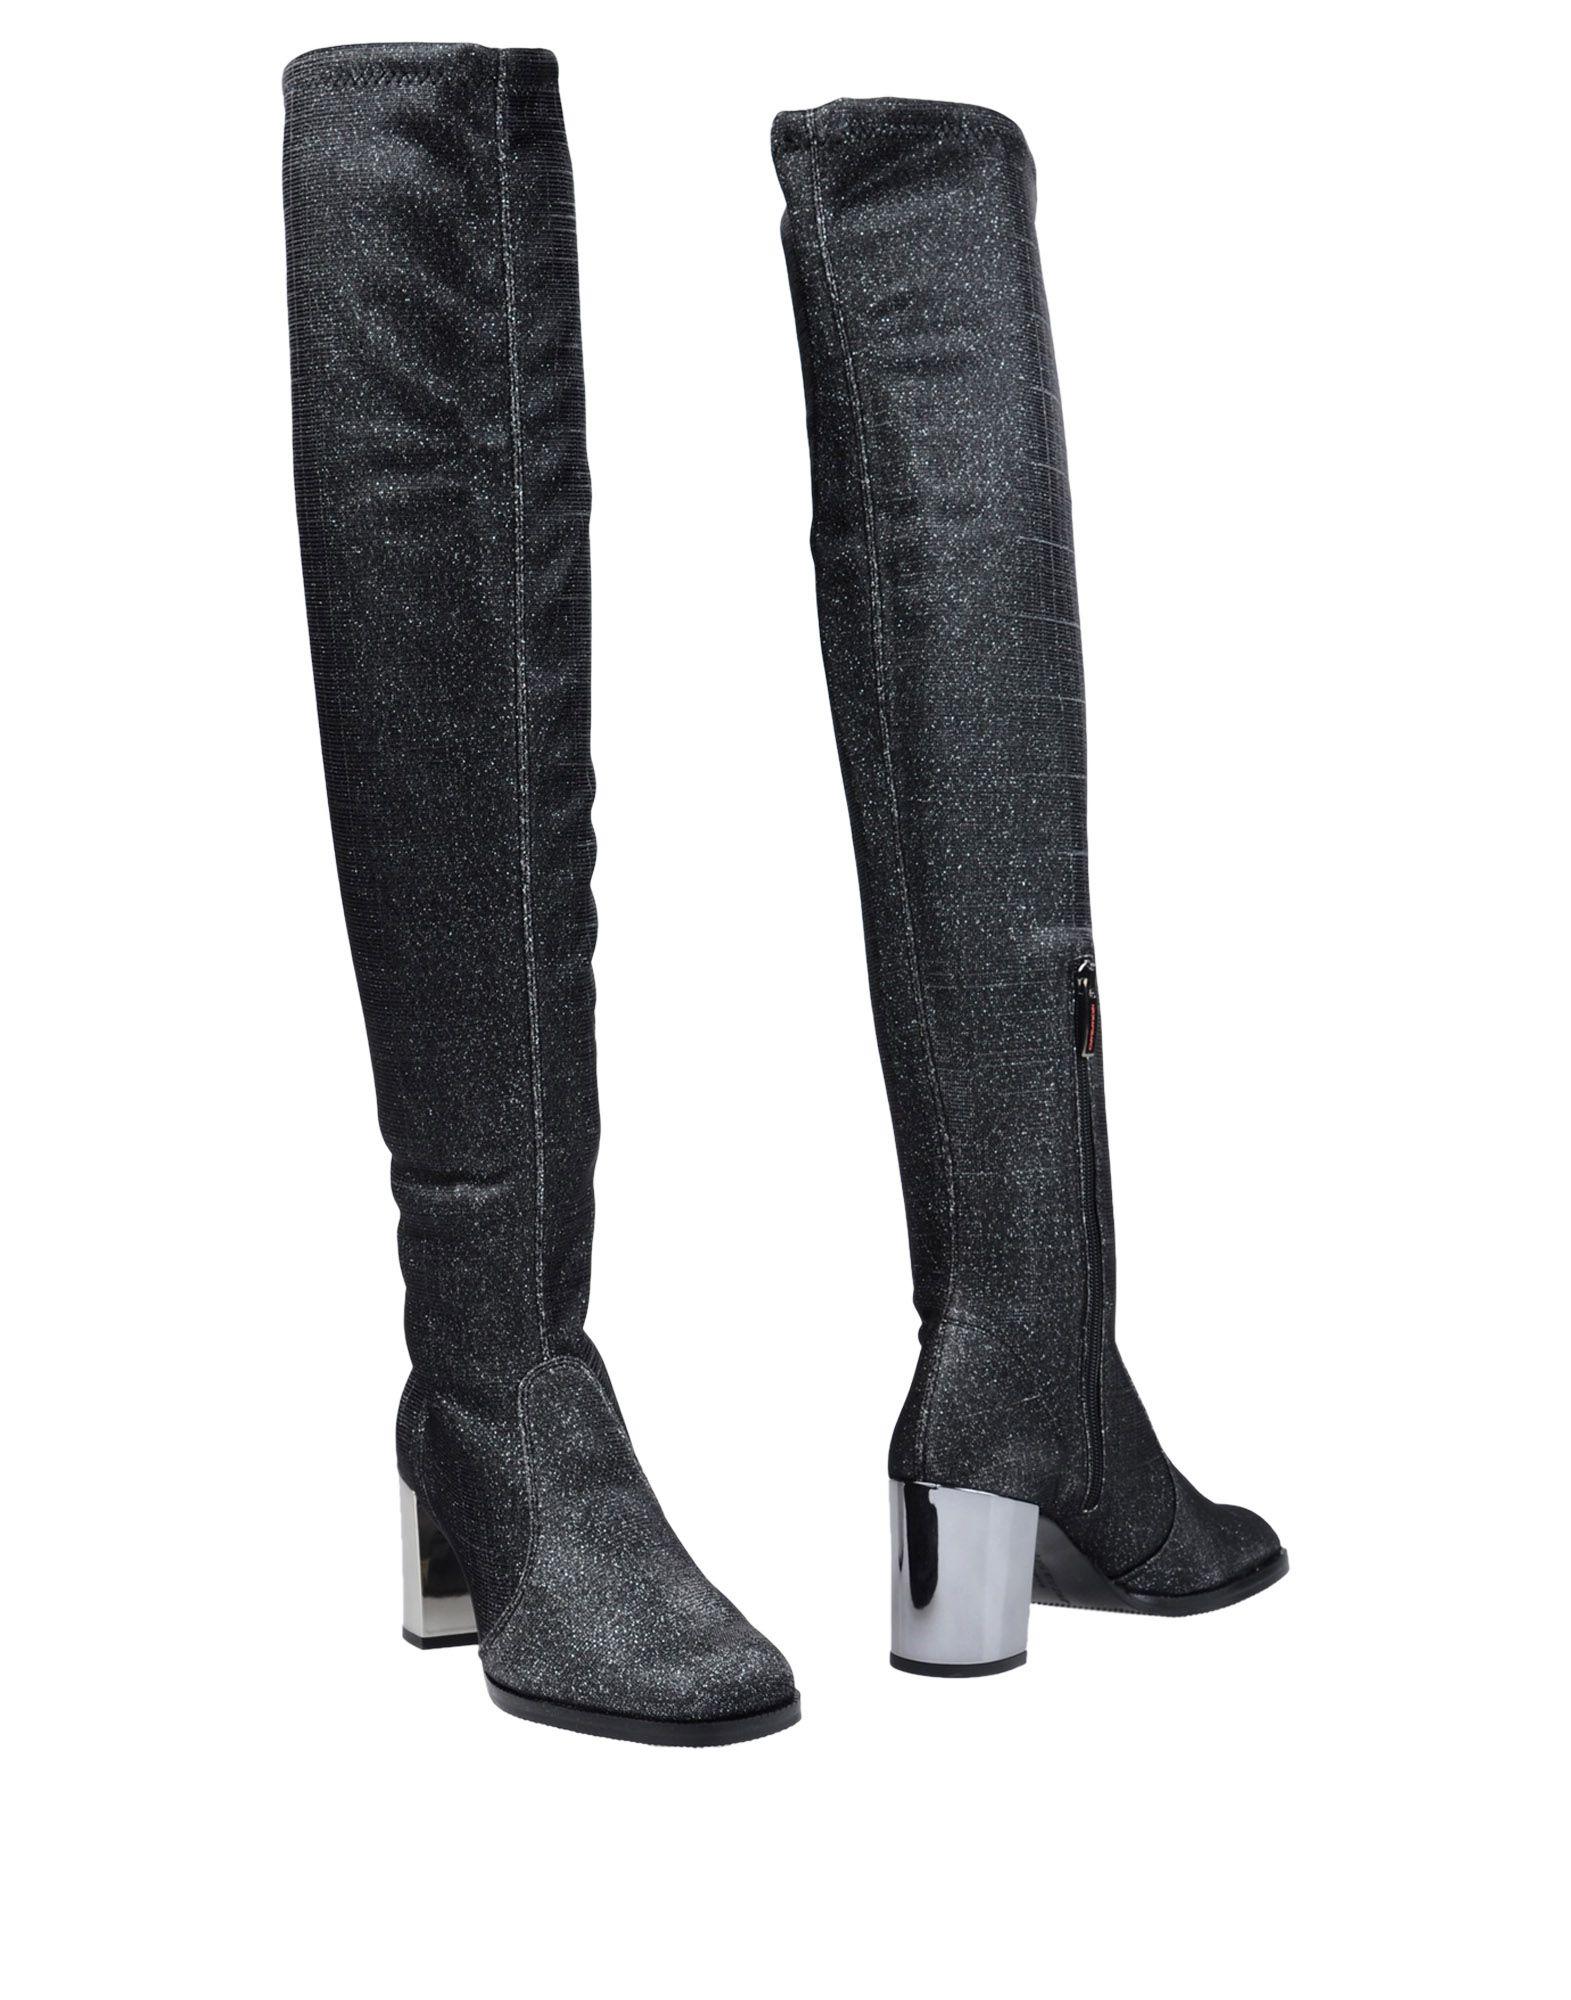 Nr Rapisardi Stiefel Damen  11273872QG Gute Qualität beliebte Schuhe